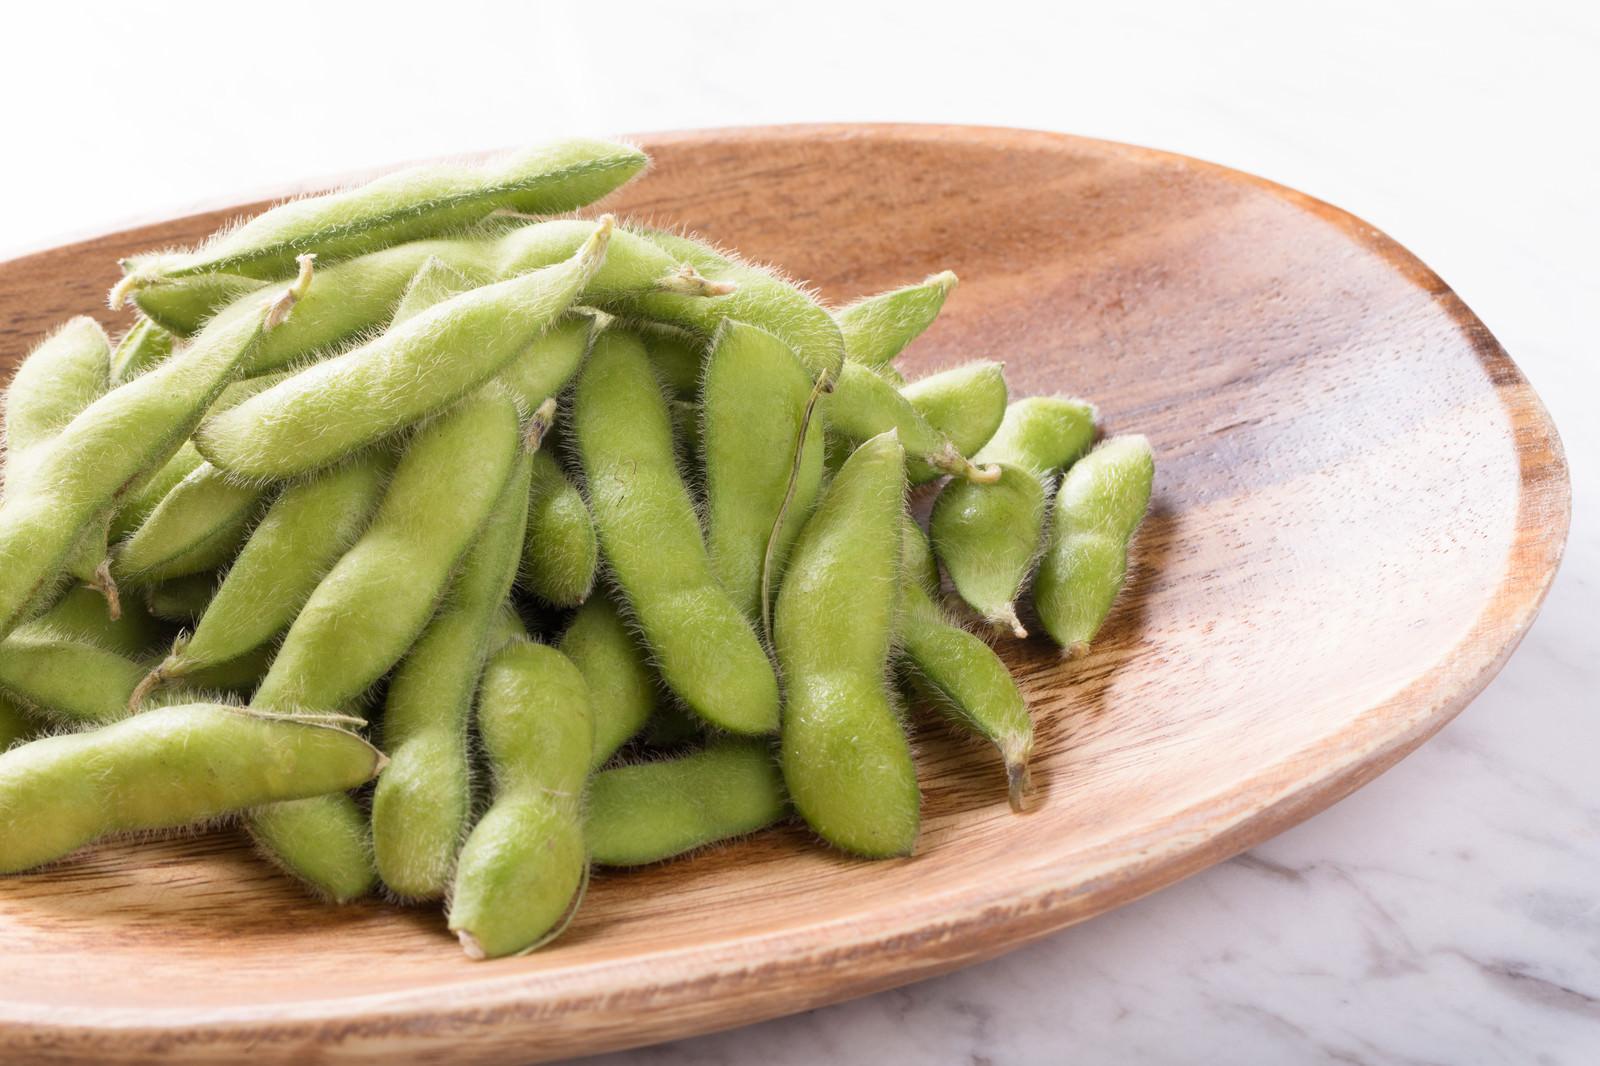 「木のお皿に乗った枝豆」